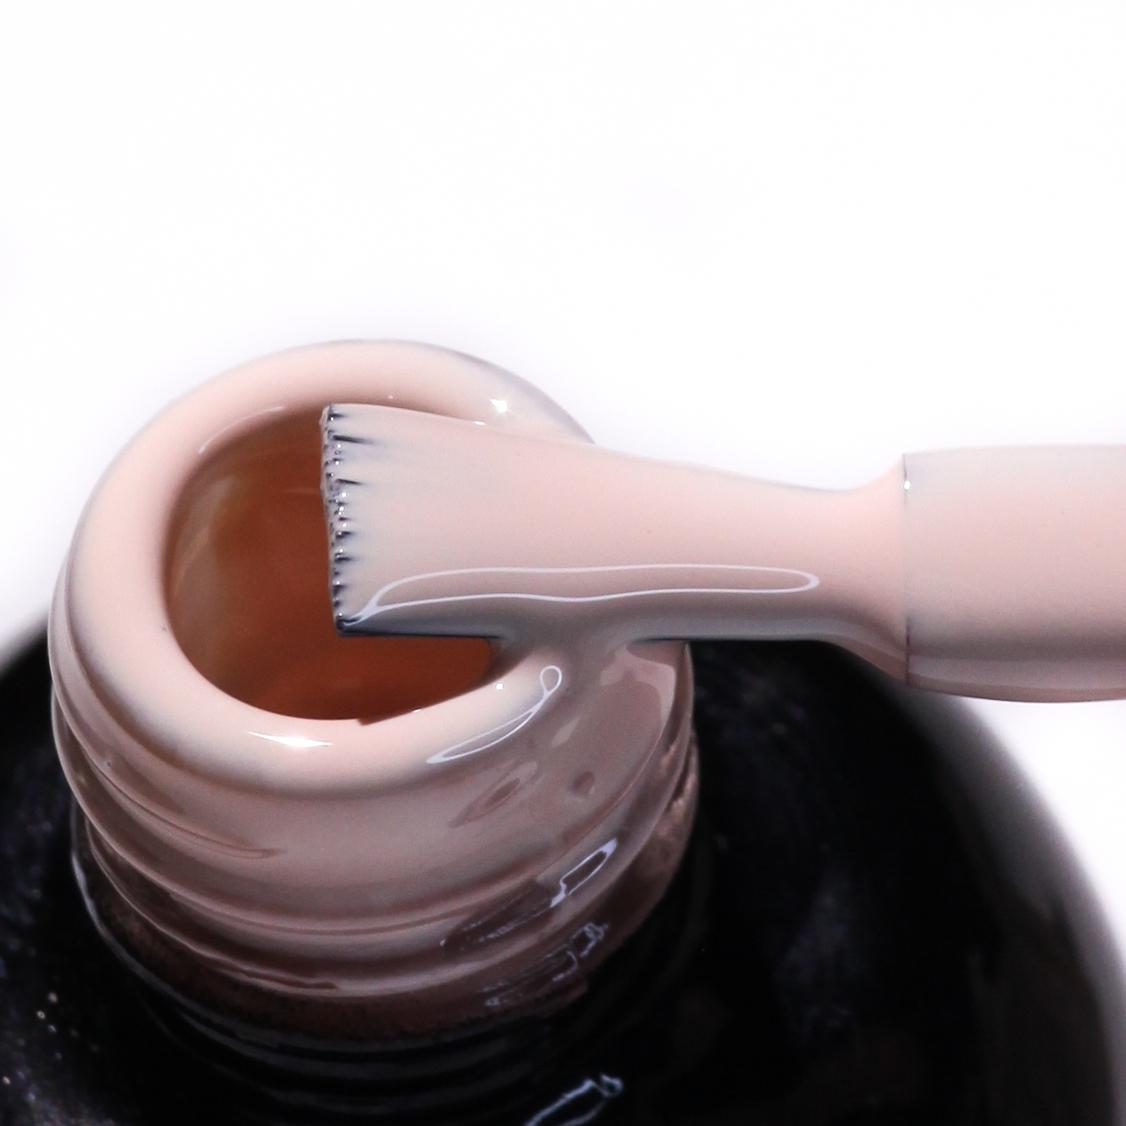 0172 Гель-лак с липким слоем 11мл Cosmake Бледно-Розовый